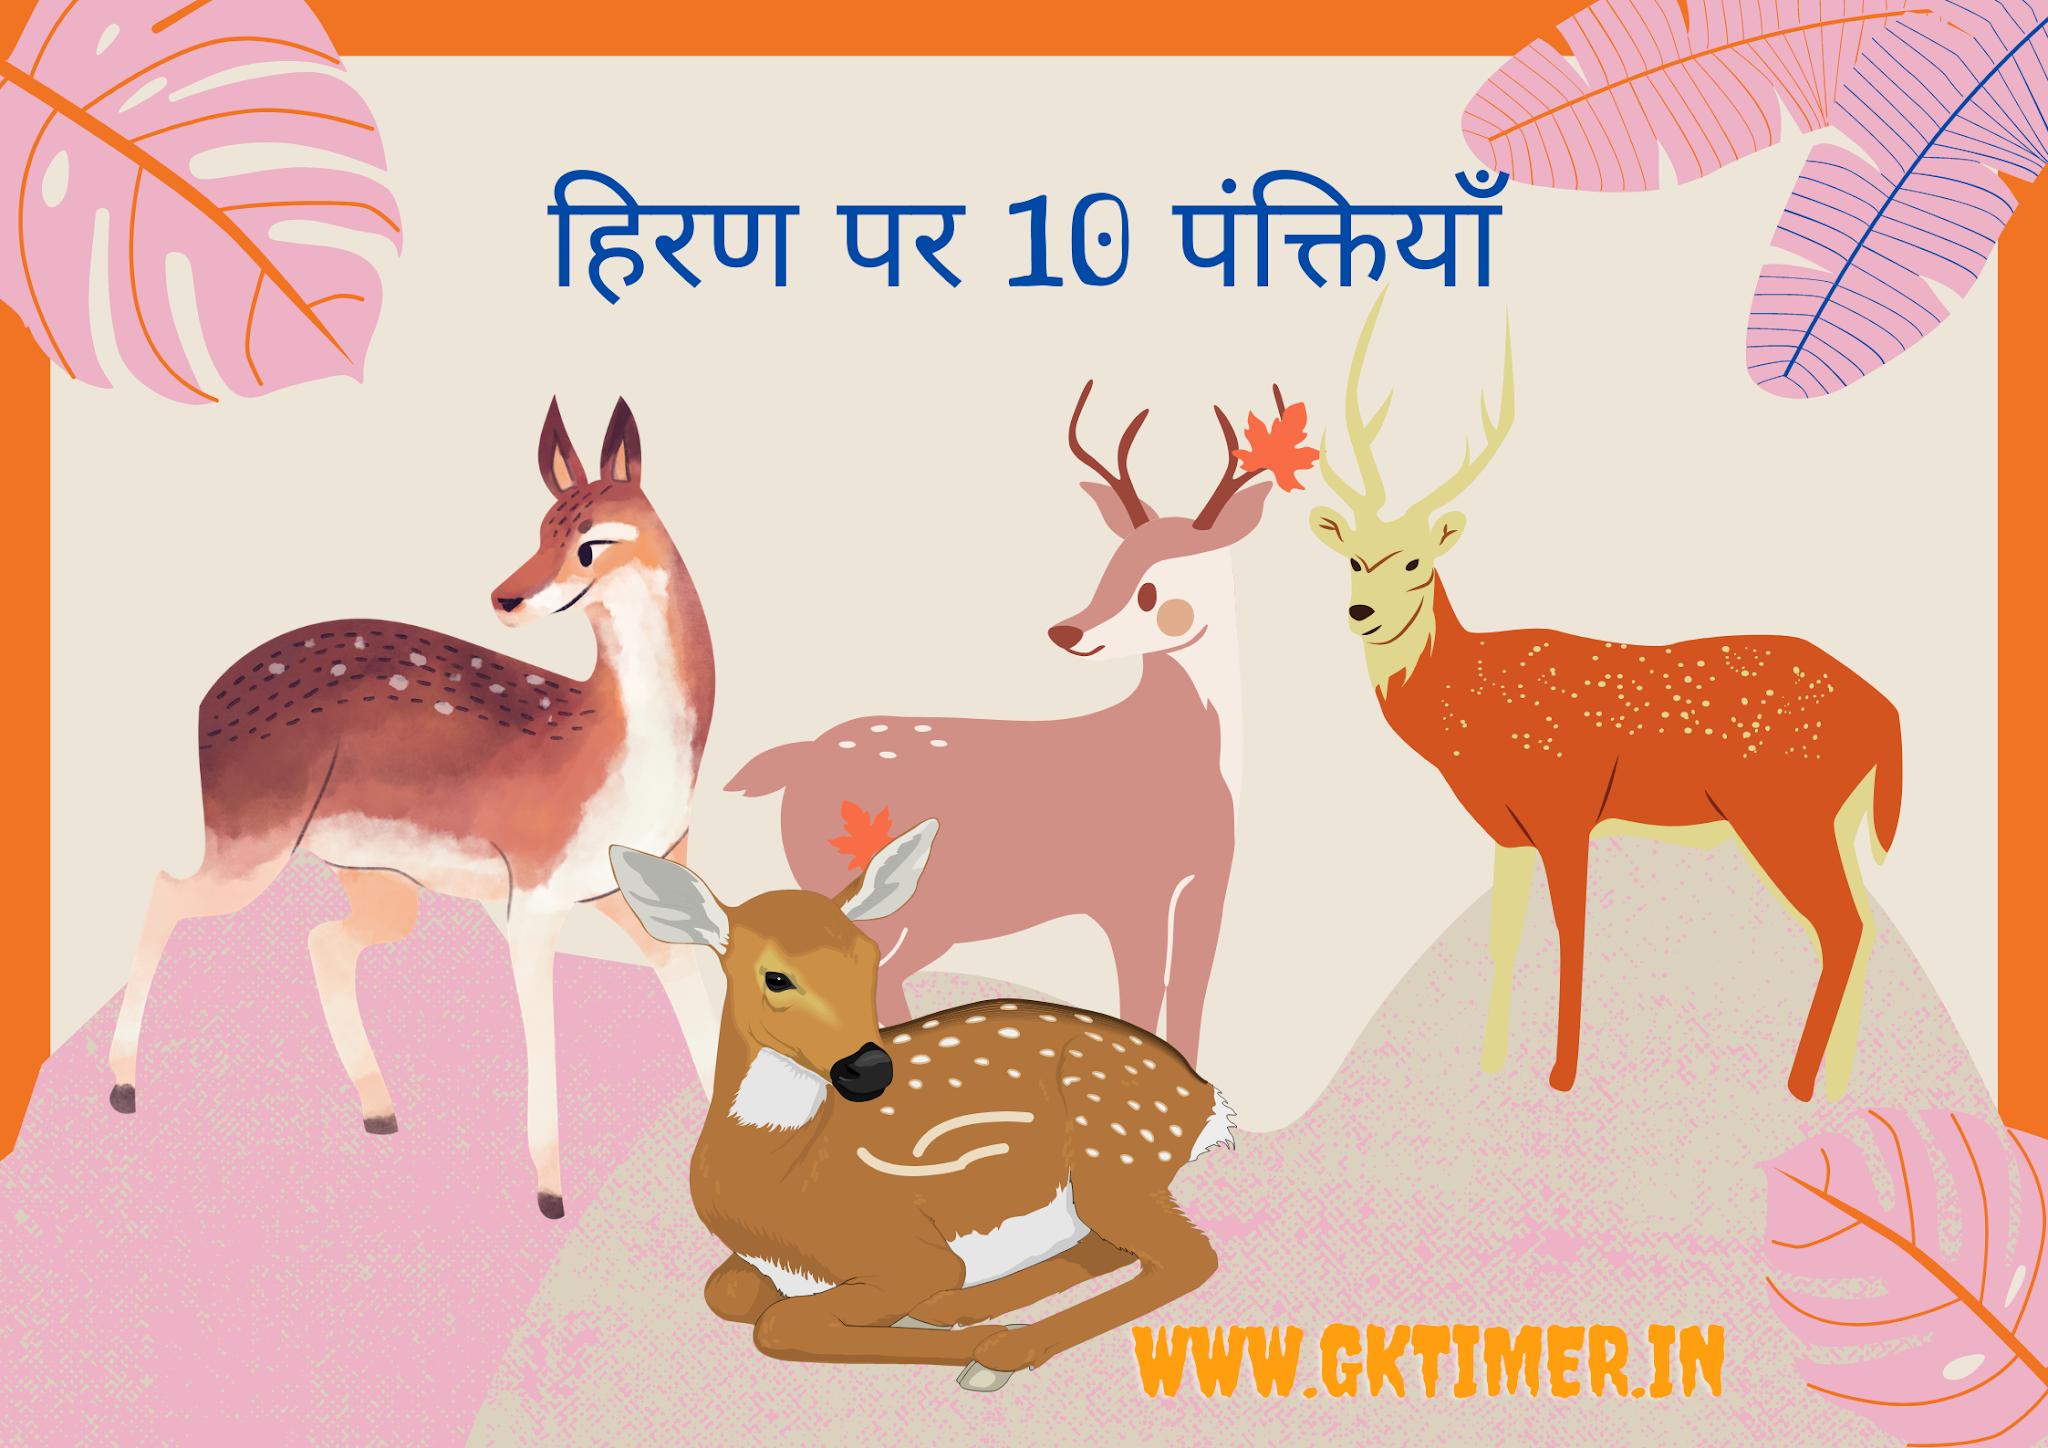 हिरण के बारे में 10 पंक्तियाँ | Deer in Hindi : 10 Lines on Deer in Hindi